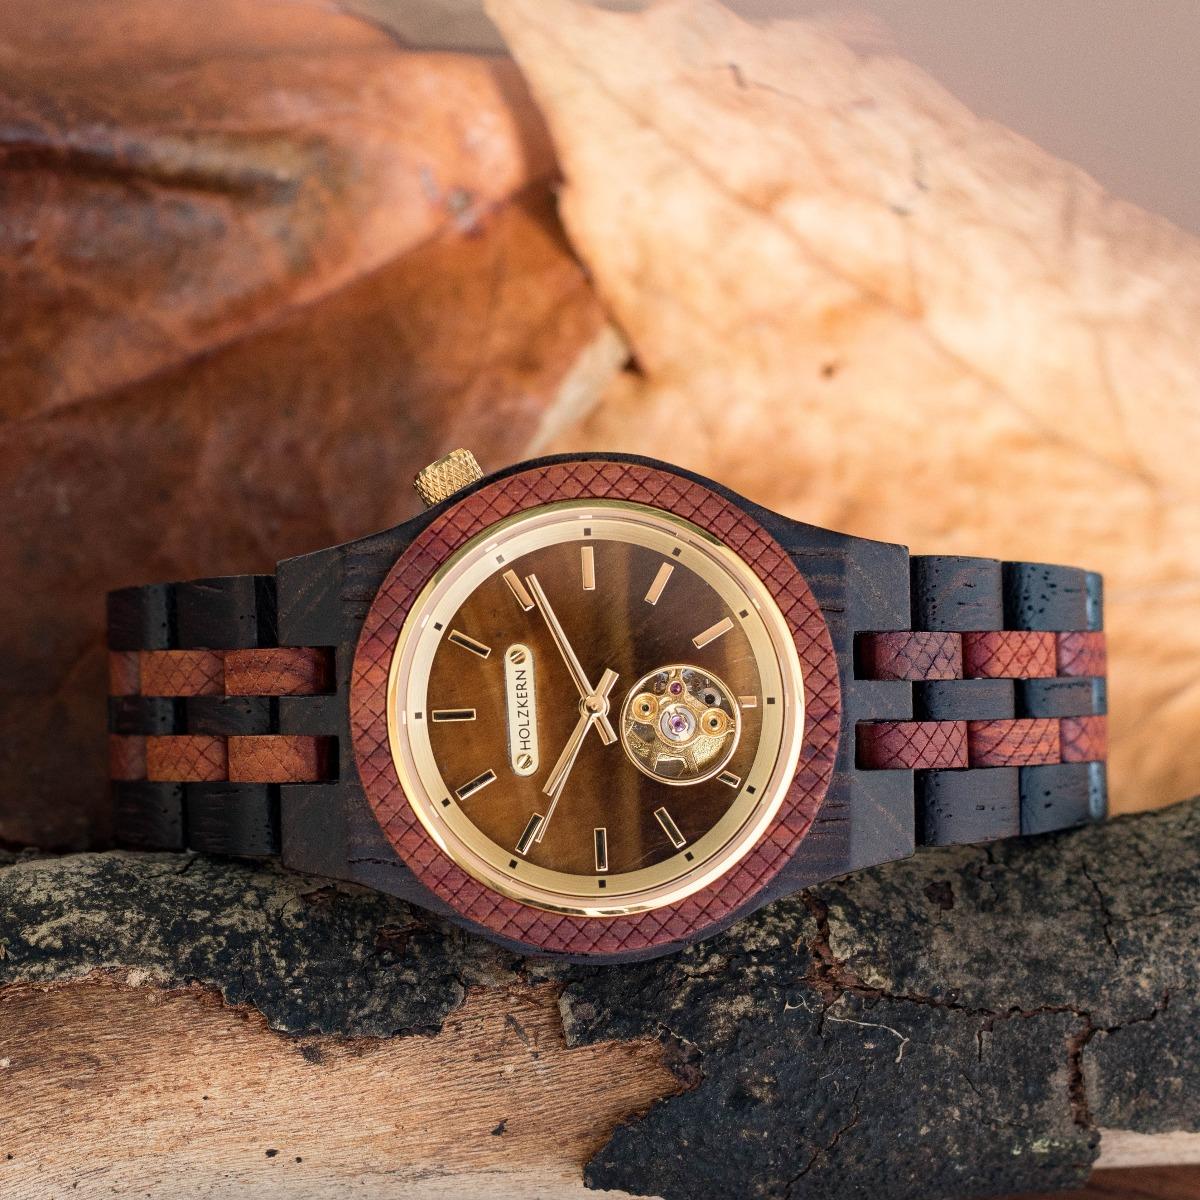 Heraklit ist eine Holzuhr von Holzkern, die sich durch ein Ziffernblatt aus echtem Tigerauge von allen anderen Modellen unterscheidet, die Sie je gesehen haben